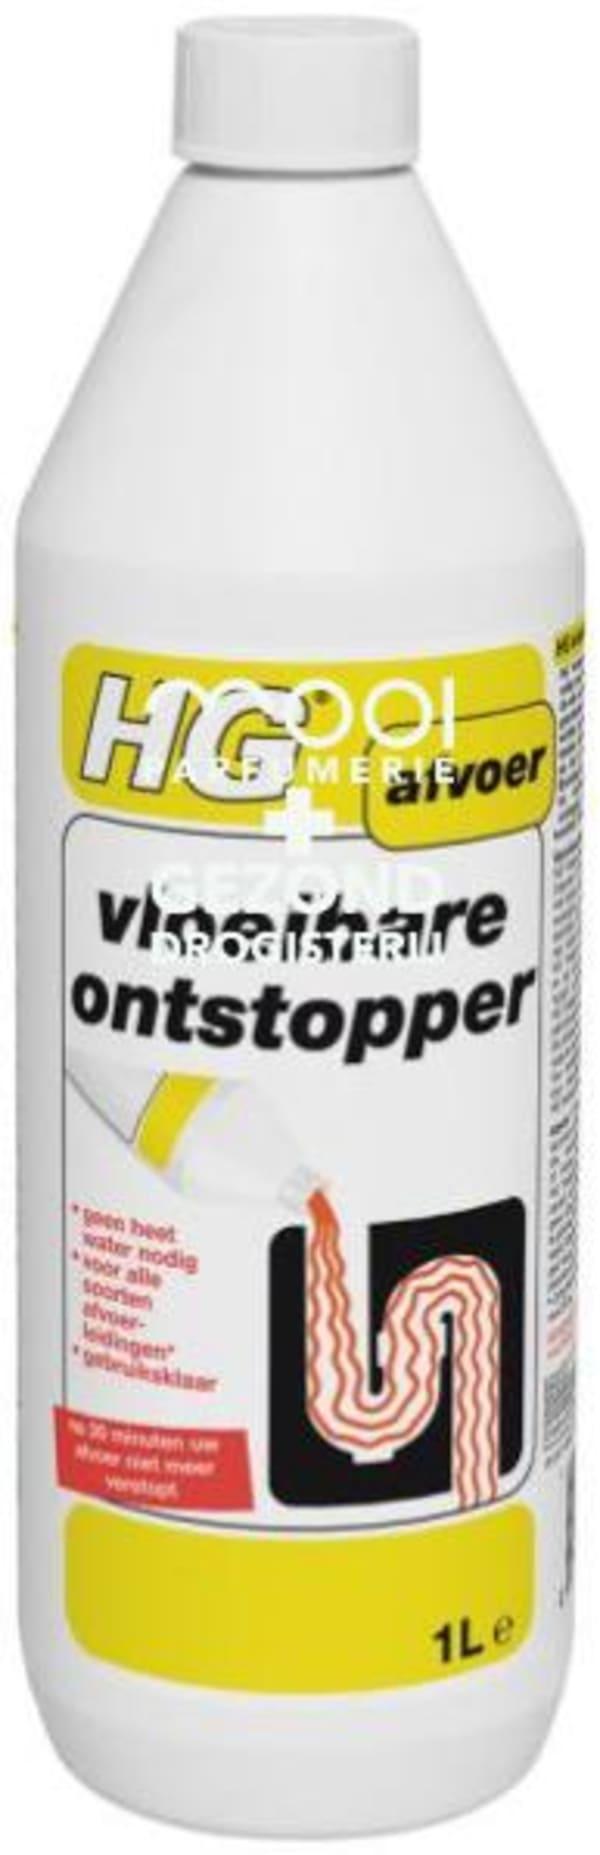 Drogisterij Parfumerie MOOI van Frits - Hg ontstopper vloeibaar